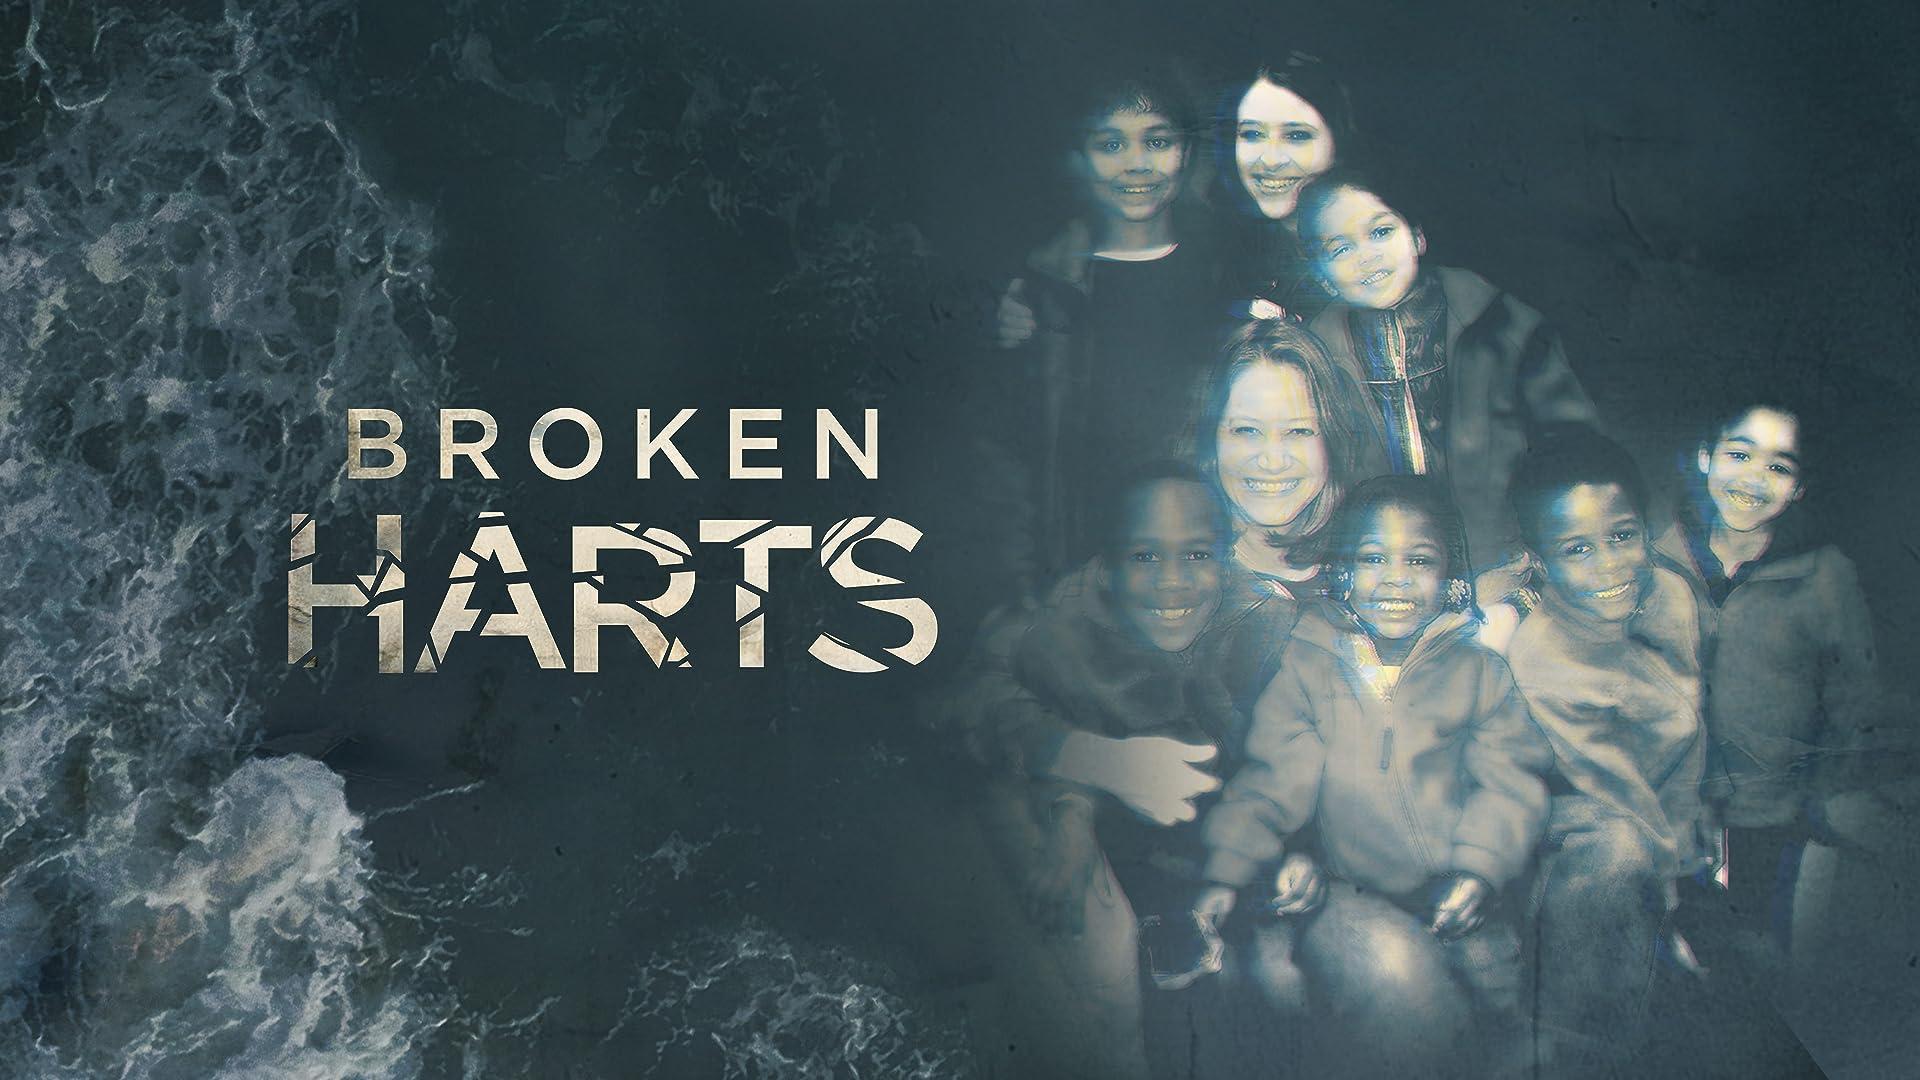 Broken Harts - Season 1